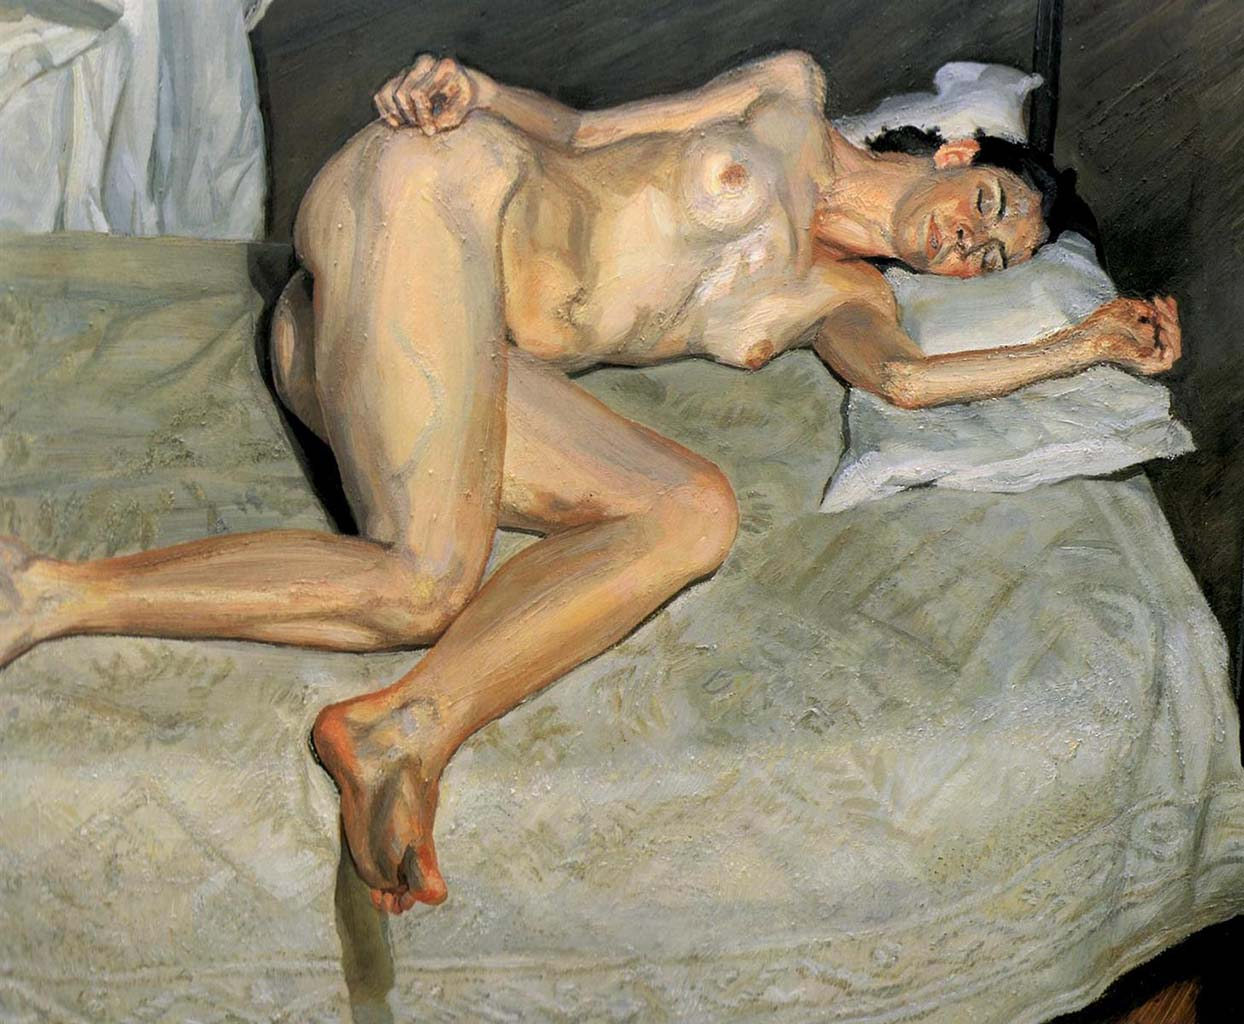 """Люсьен Фрейд (Lucian Freud), """"Портрет на белом покрывале"""""""